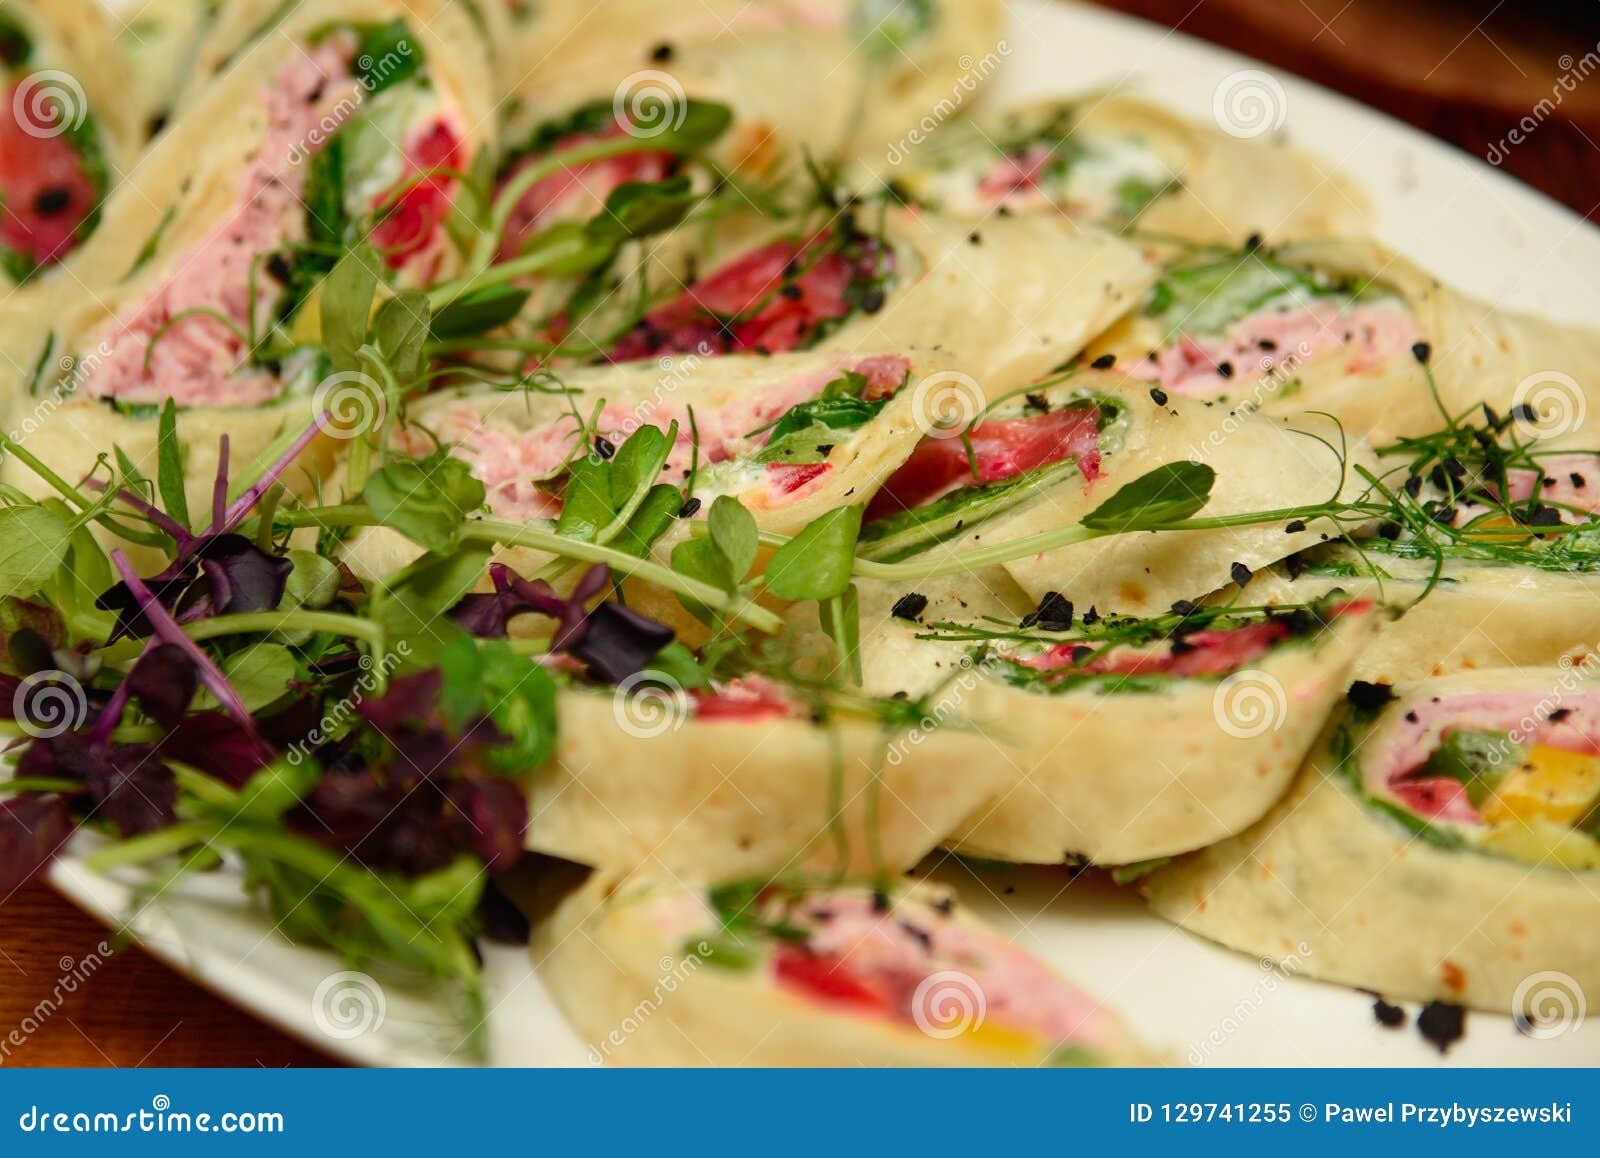 Sandwichs à enveloppe de thon avec des épinards et des légumes du plat